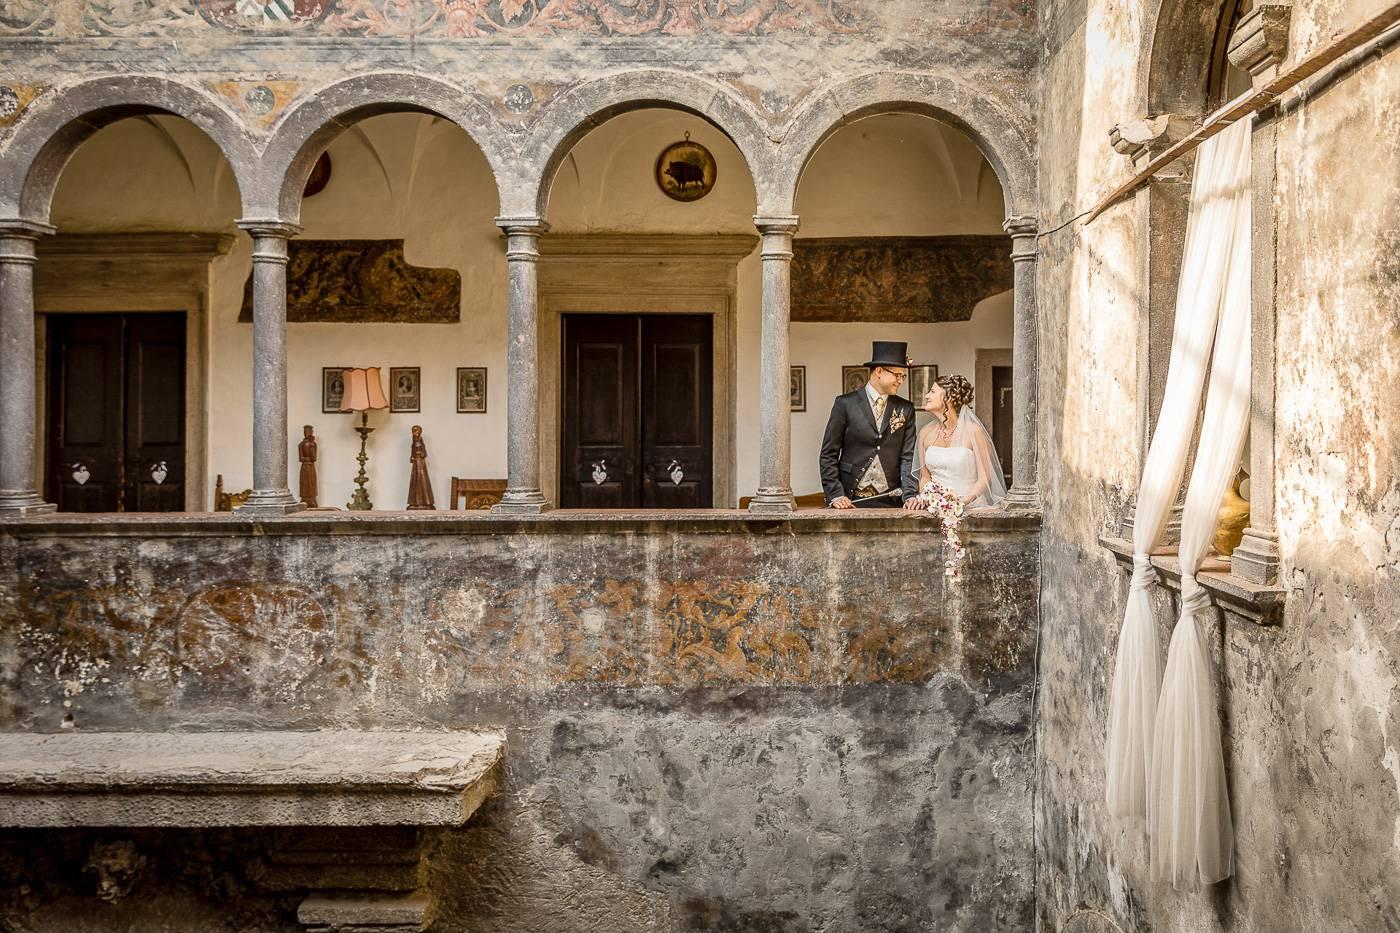 aschenputtel-hochzeitsfotograf-portaits-castel-toblino-trento-italien